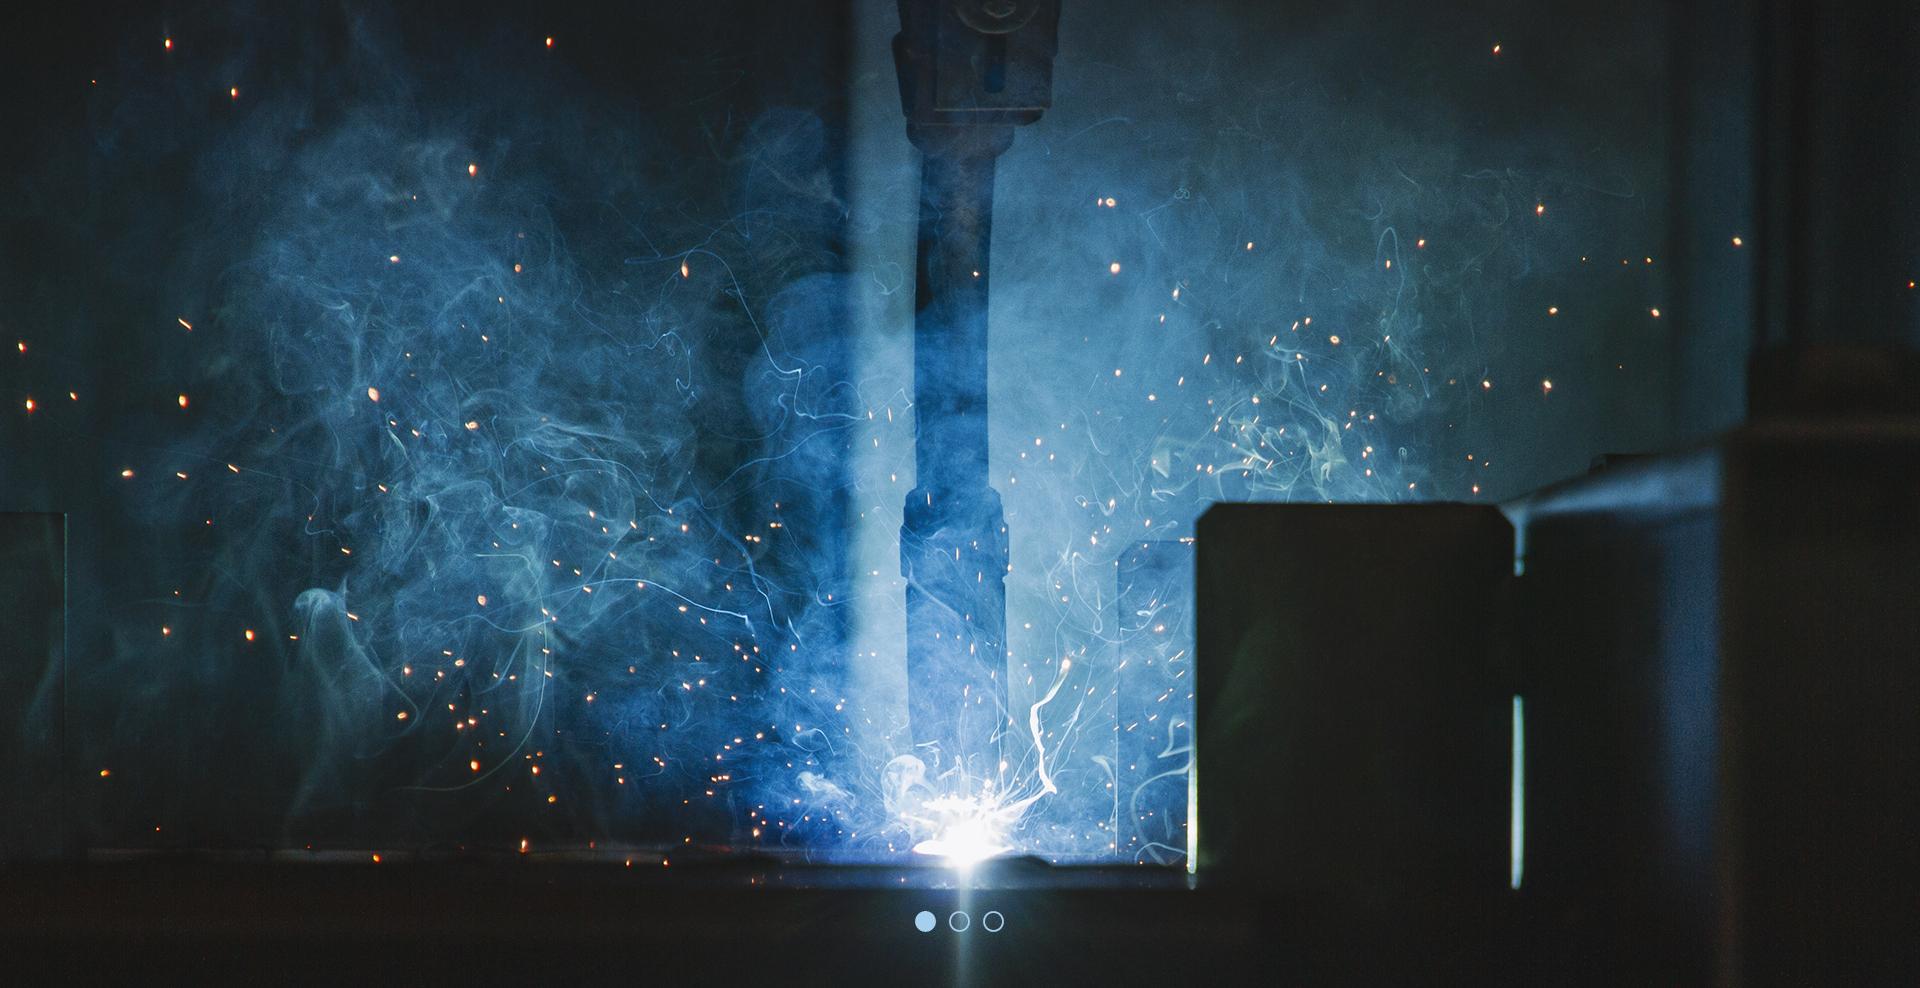 [welding]